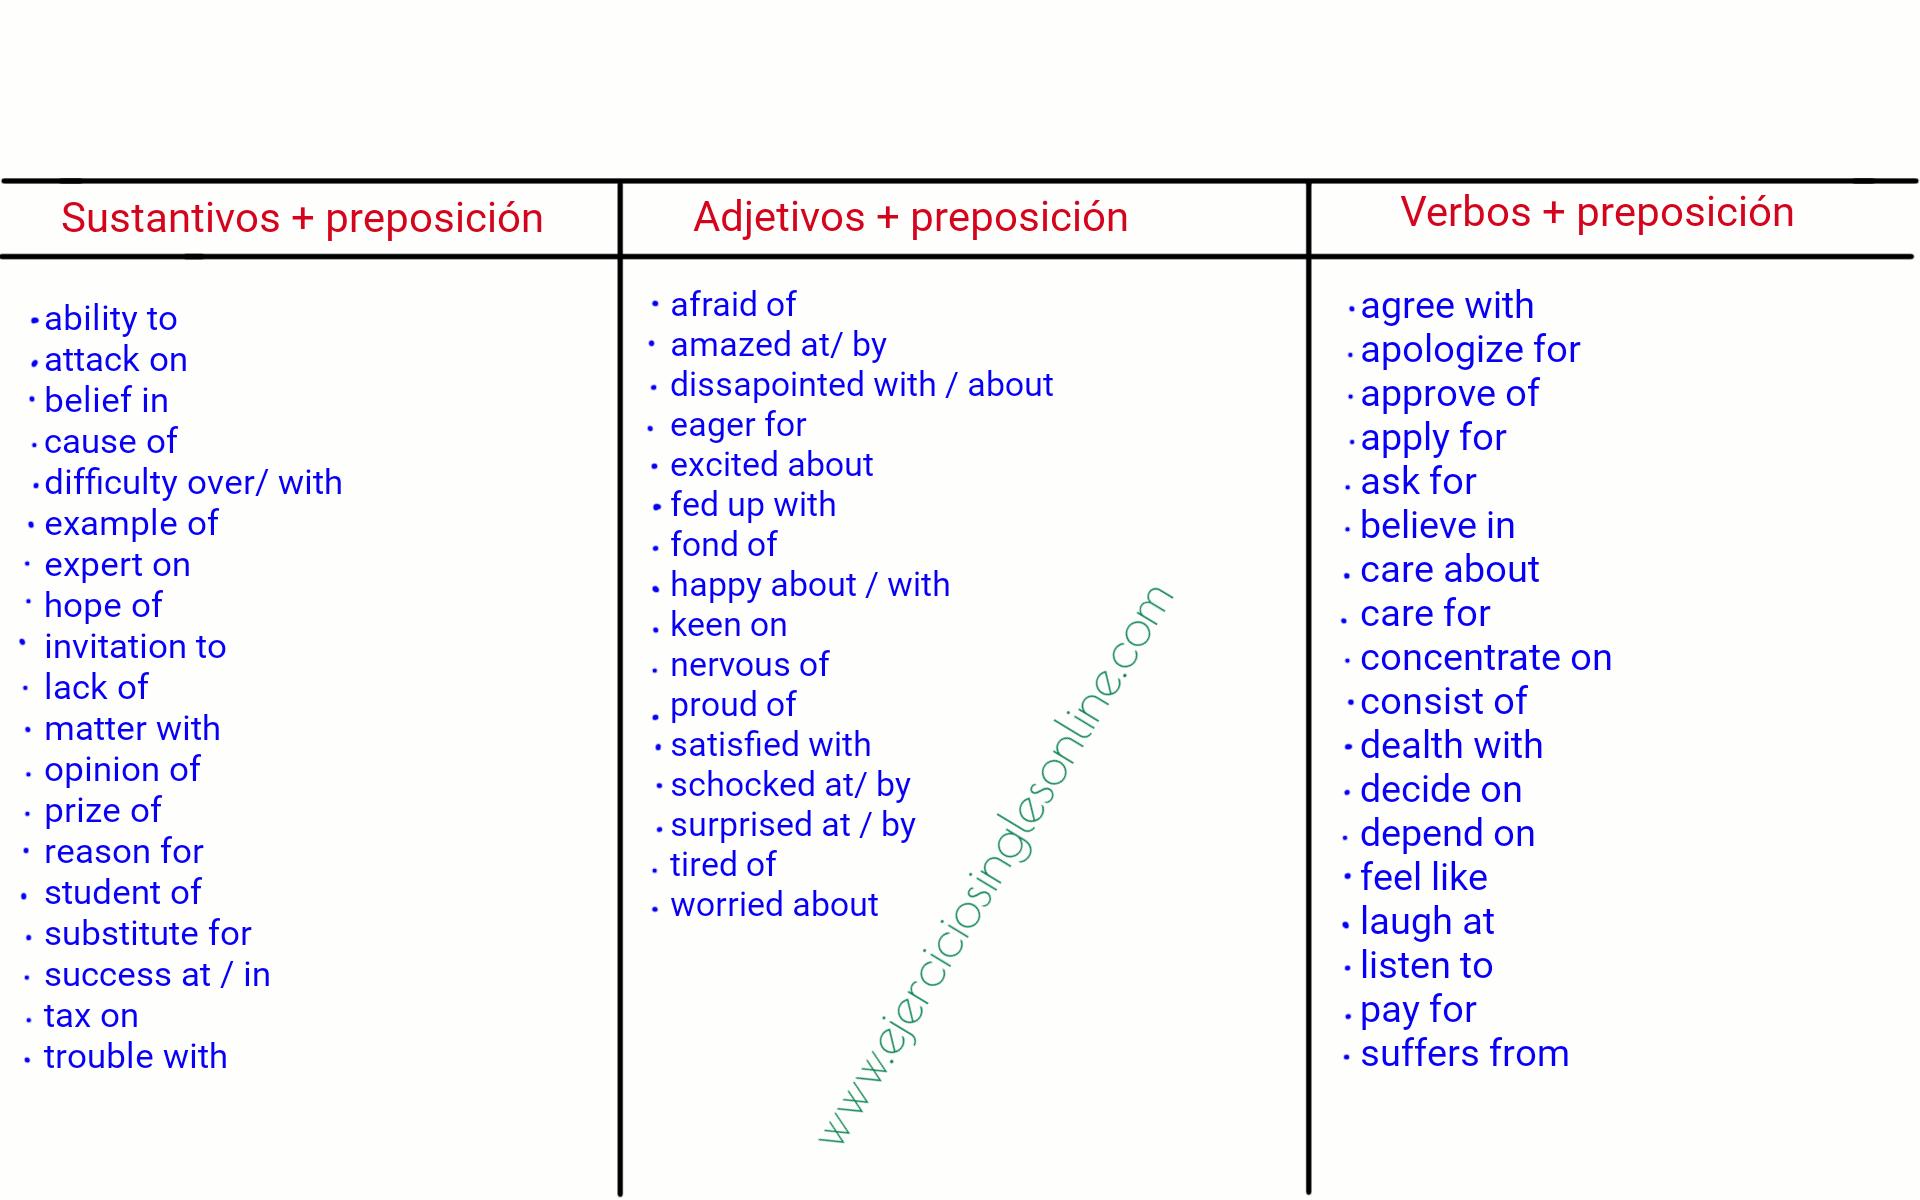 Sustantivos, adejetivos, verbos + preposición en inglés